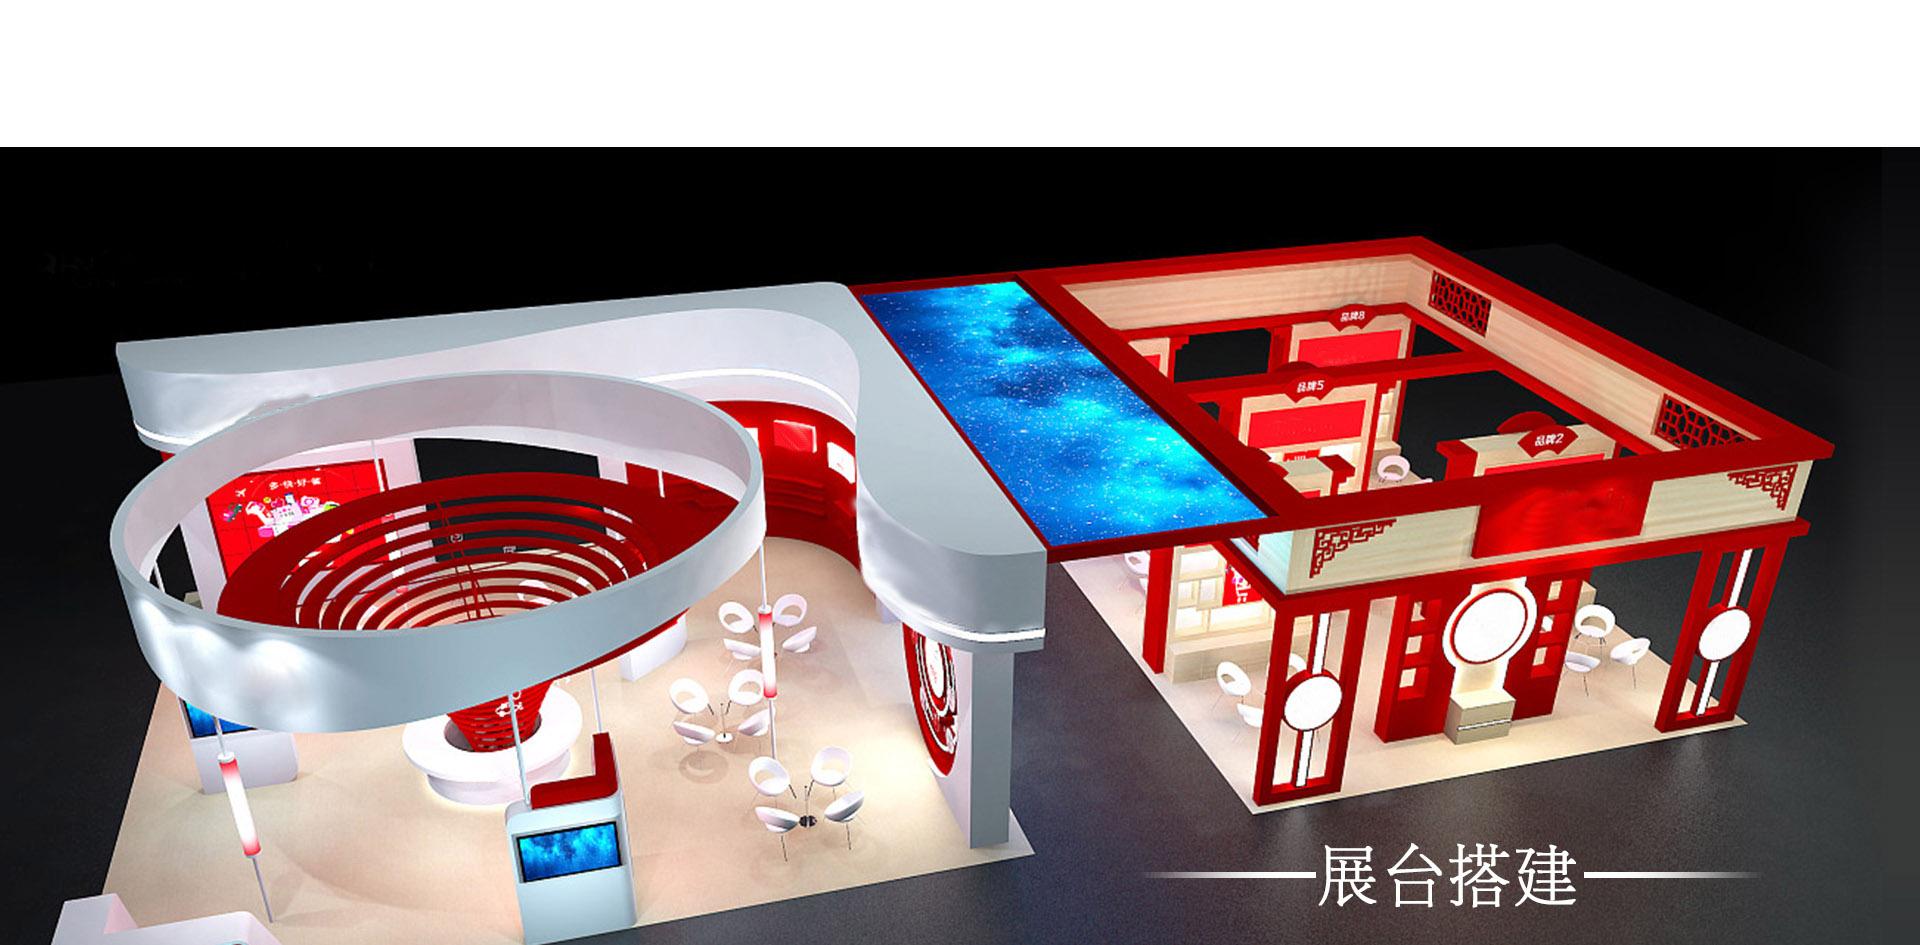 重庆展览展示公司